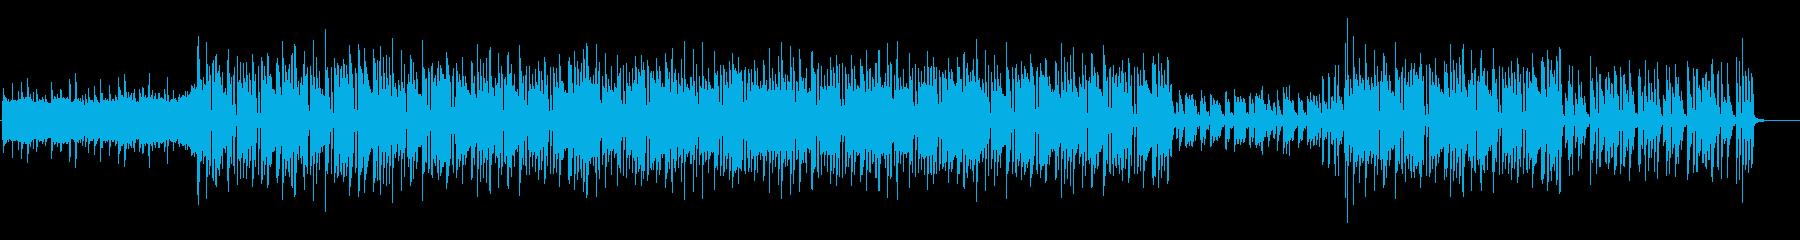 ちょっと切なく感動的なEDMの再生済みの波形